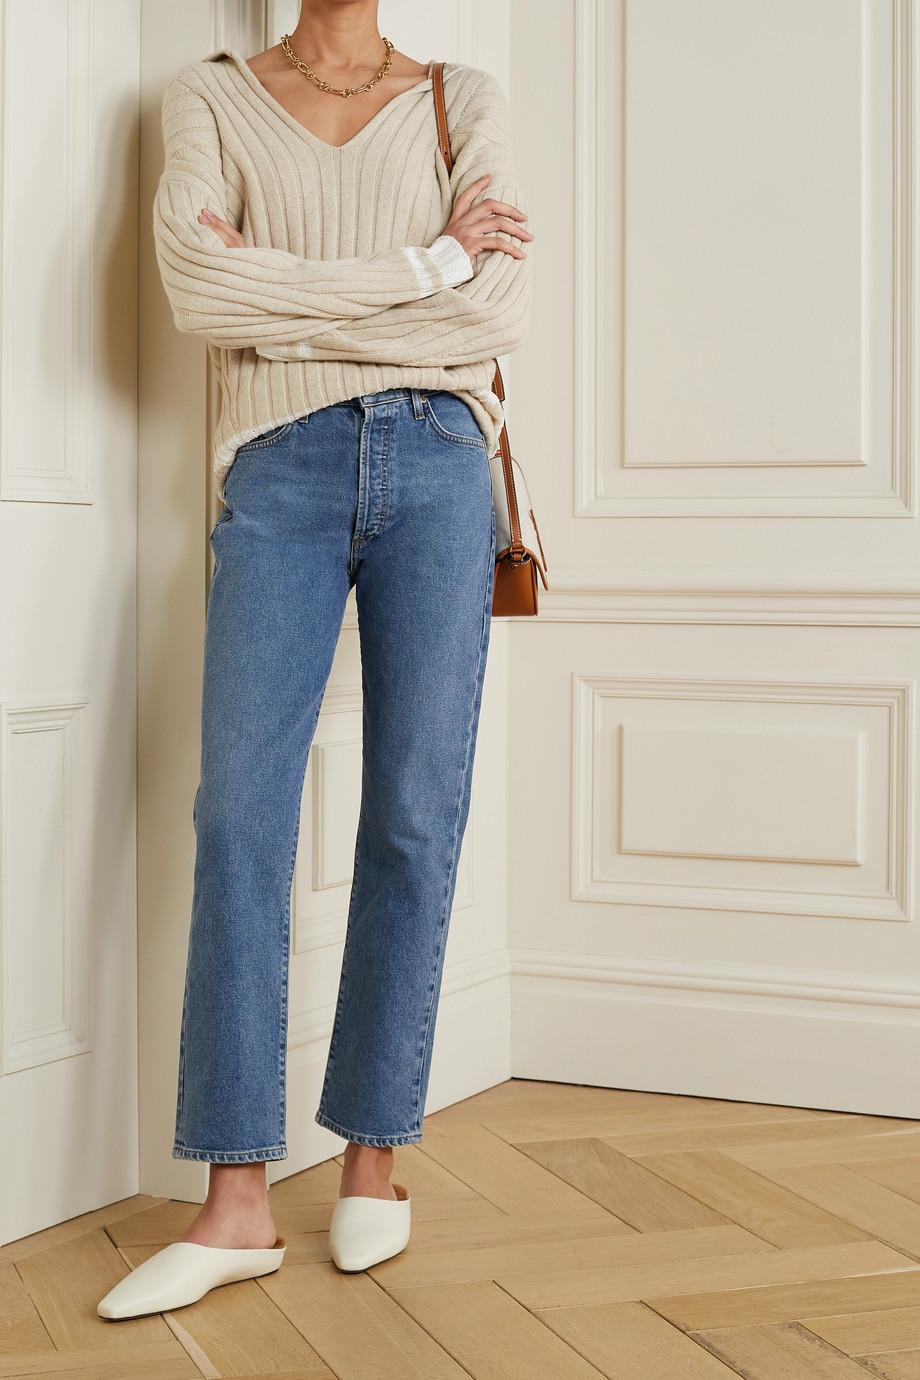 GOLDSIGN + NET SUSTAIN high-rise straight-leg jeans